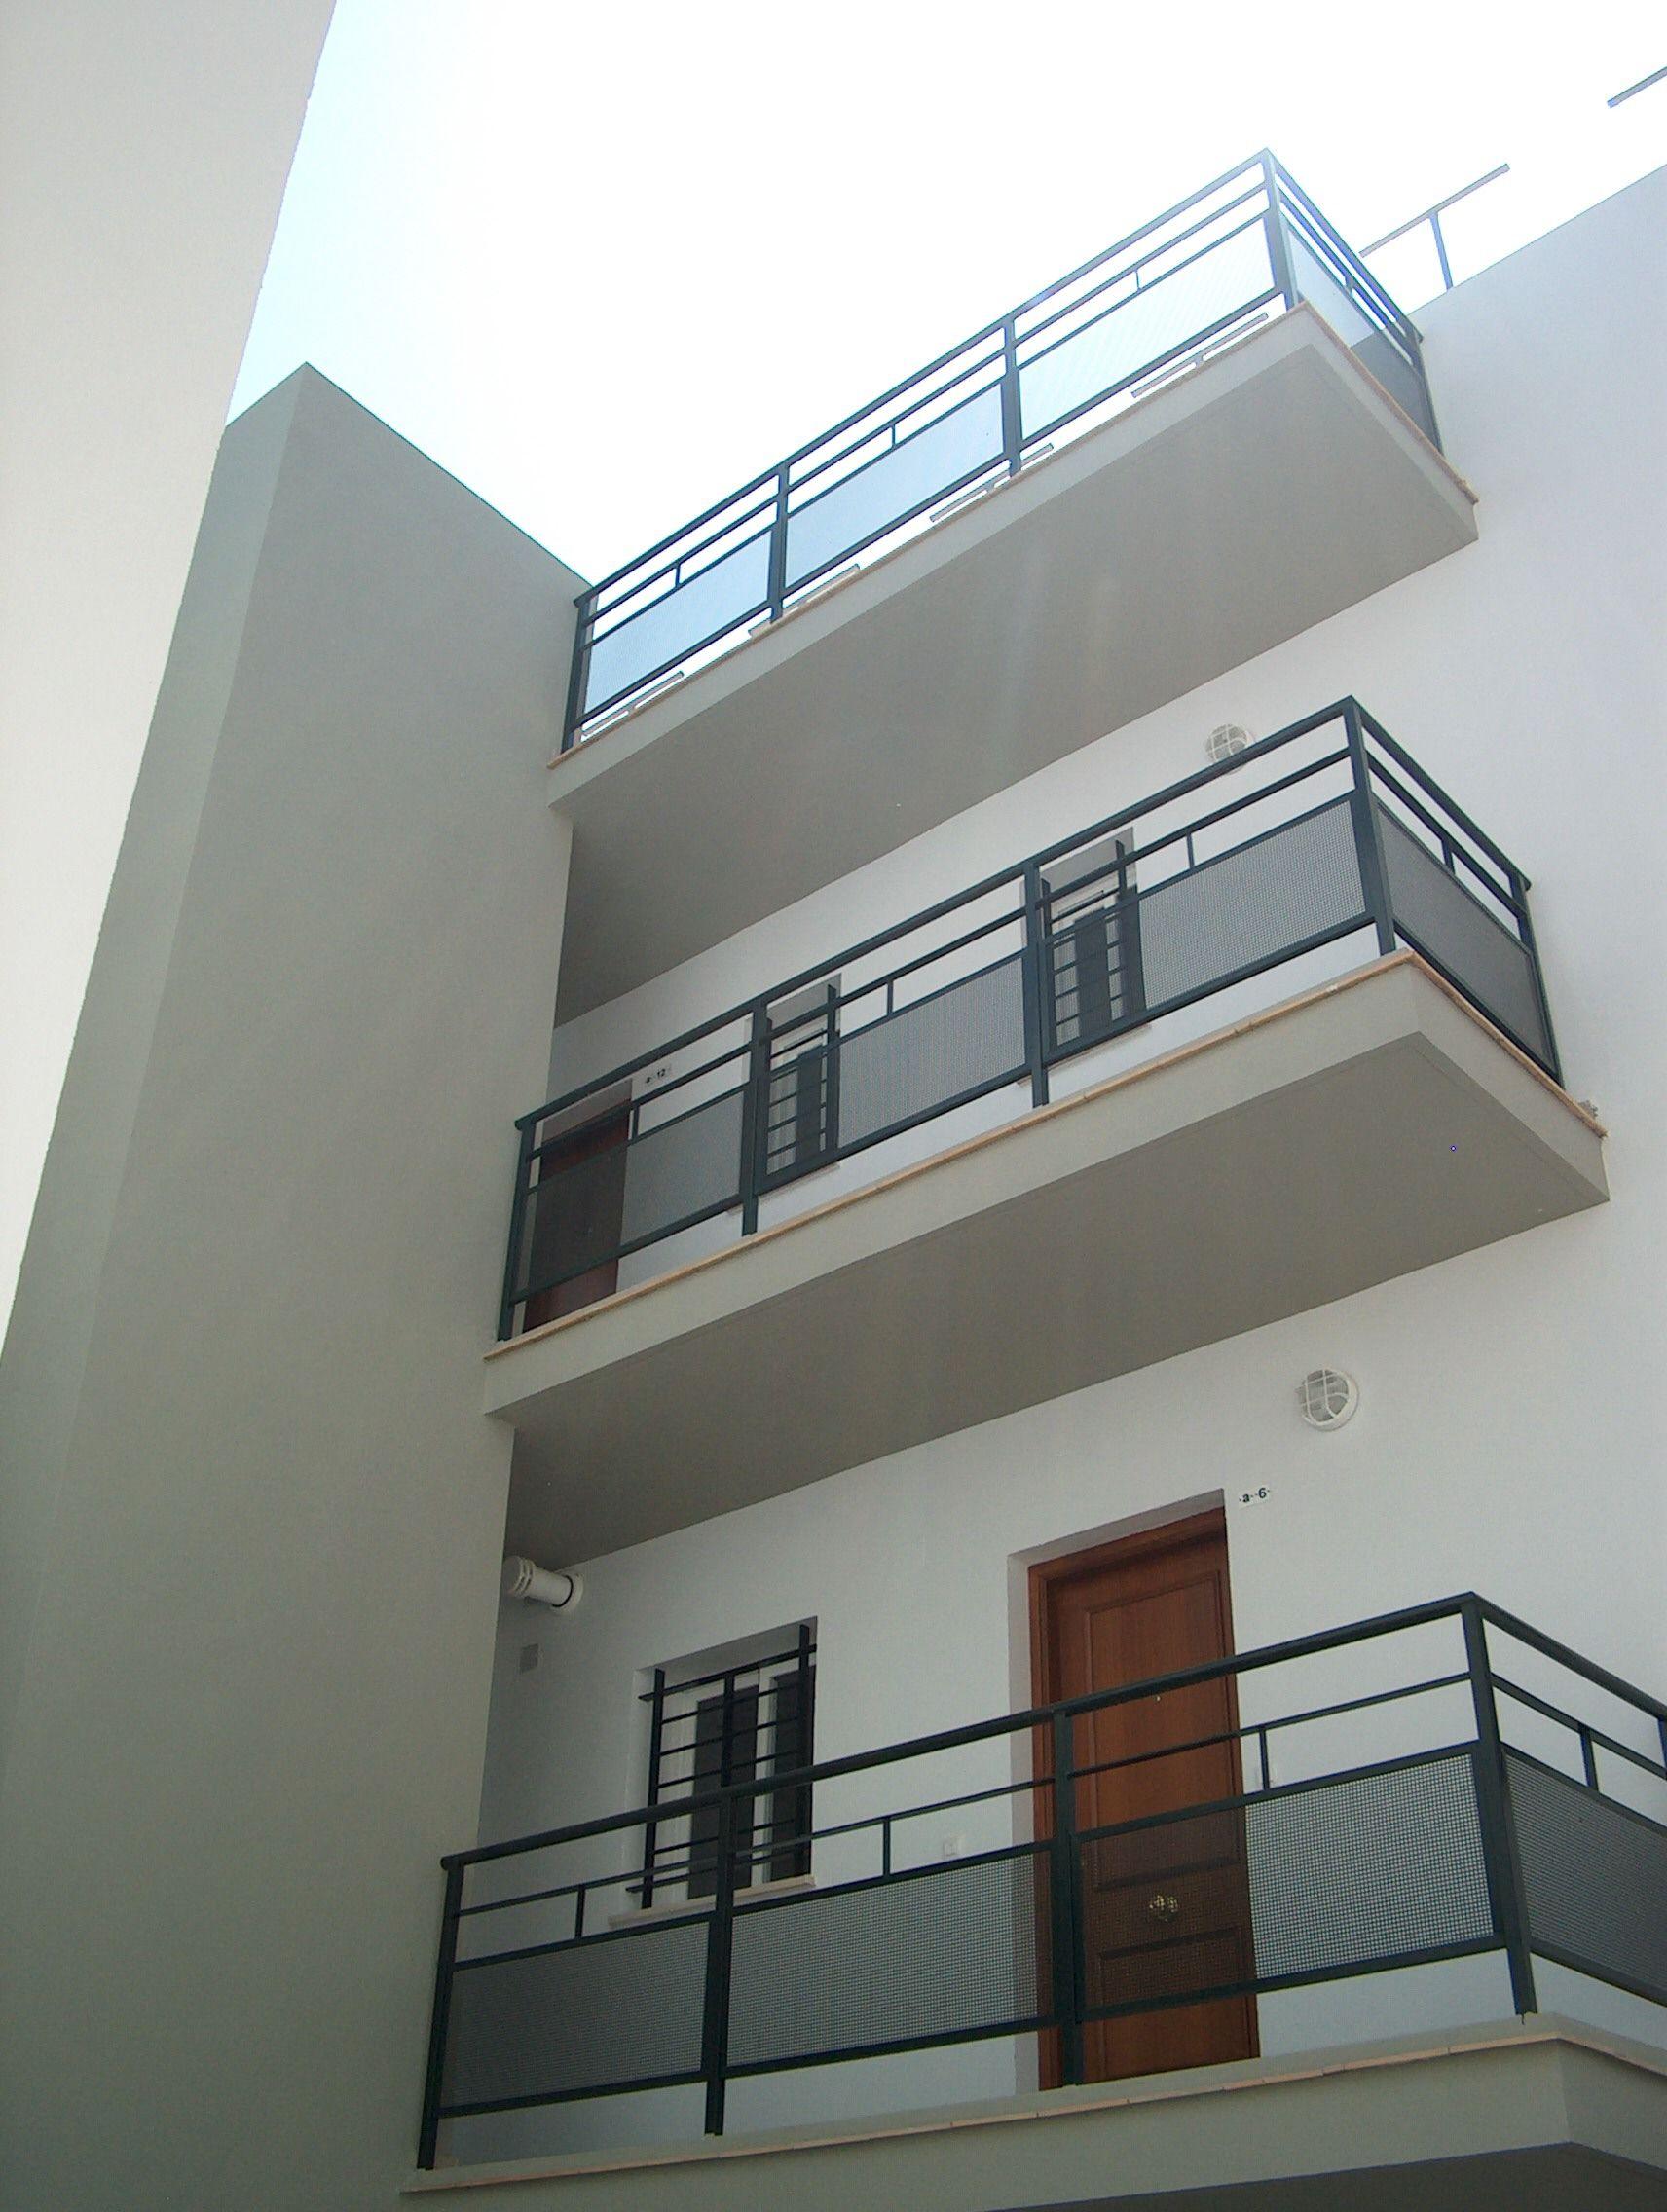 Edificios moderno balcon exterior puertas for Edificios modernos minimalistas